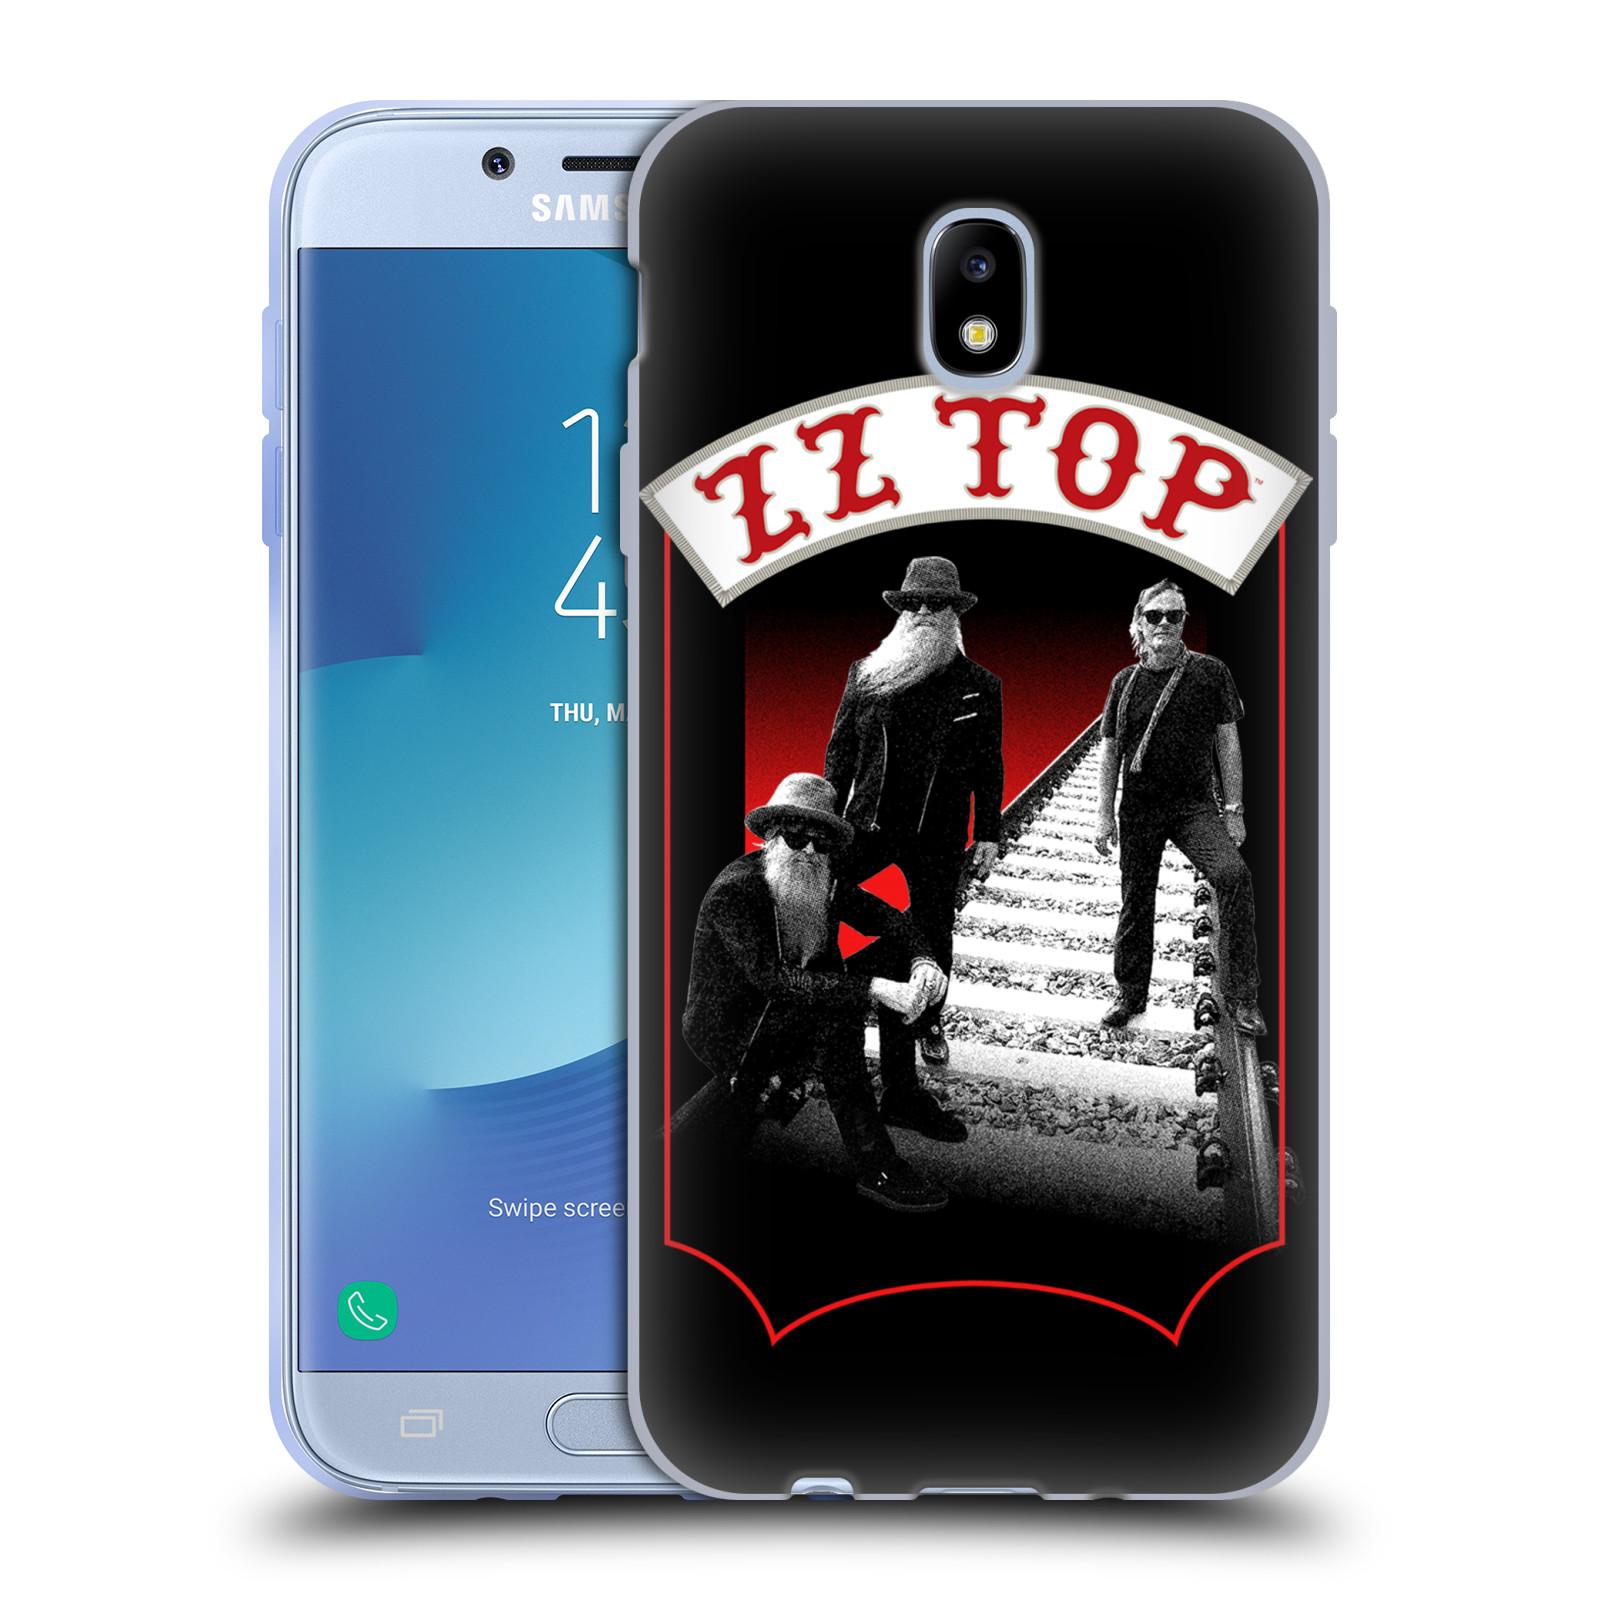 HEAD CASE silikonový obal na mobil Samsung Galaxy J7 2017 ZZ Top koleje zpěváci